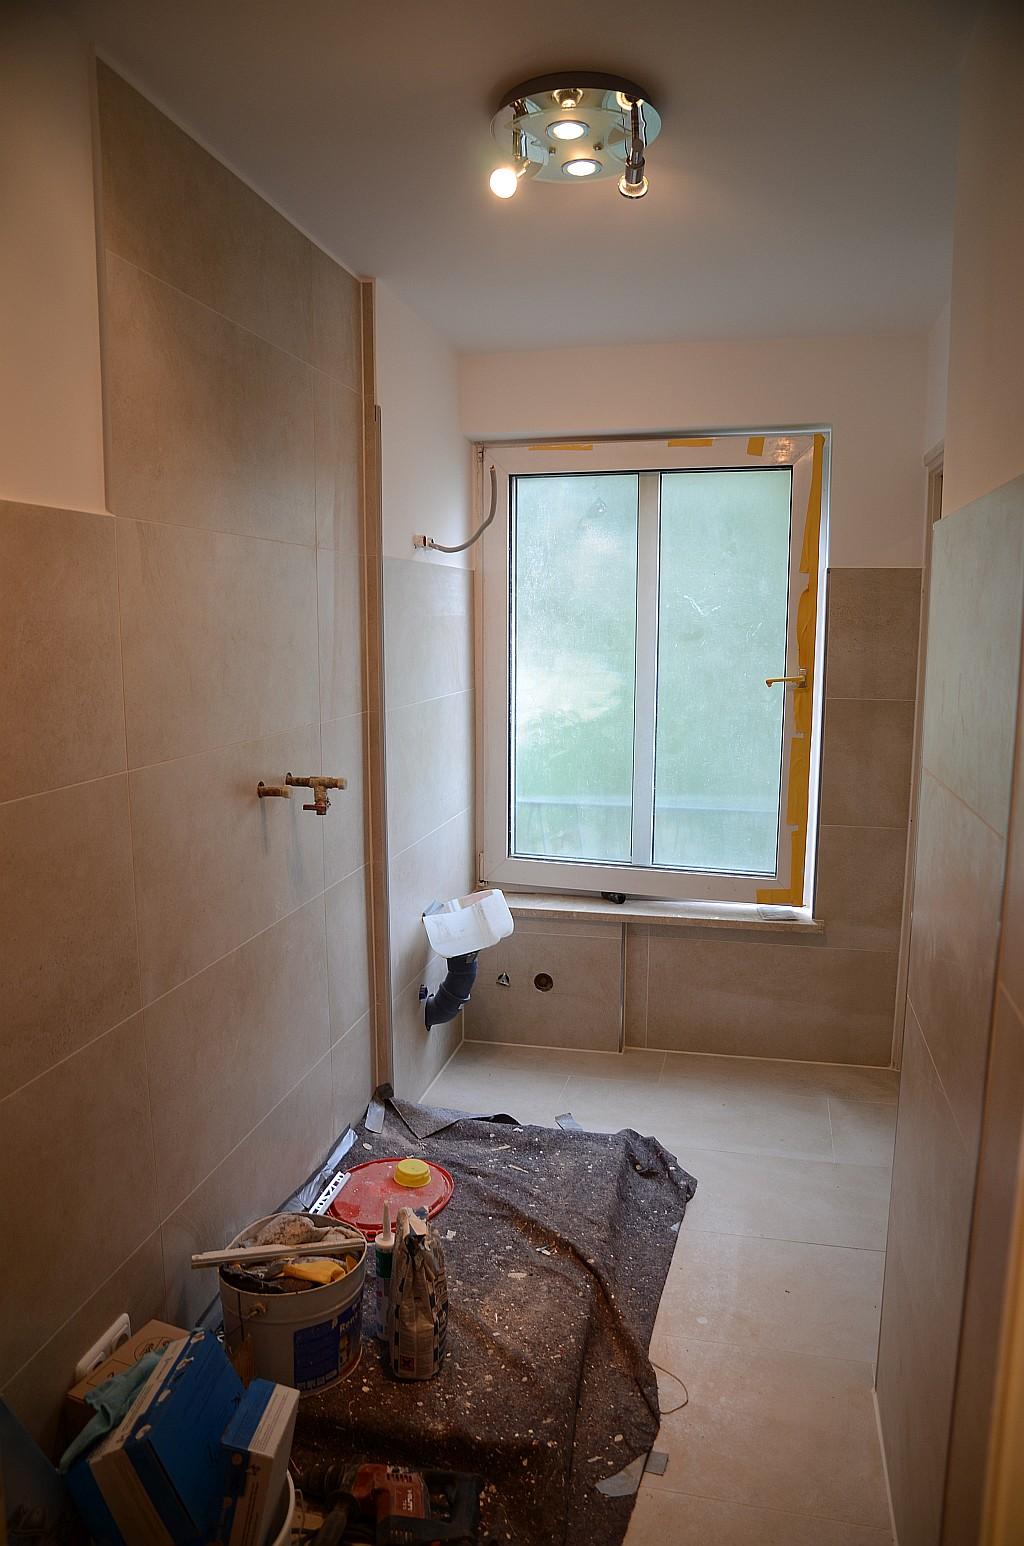 ebauplan m nchen badrenovierung im herzen von m nchen schritt f r schritt vom alten 80er jahre. Black Bedroom Furniture Sets. Home Design Ideas